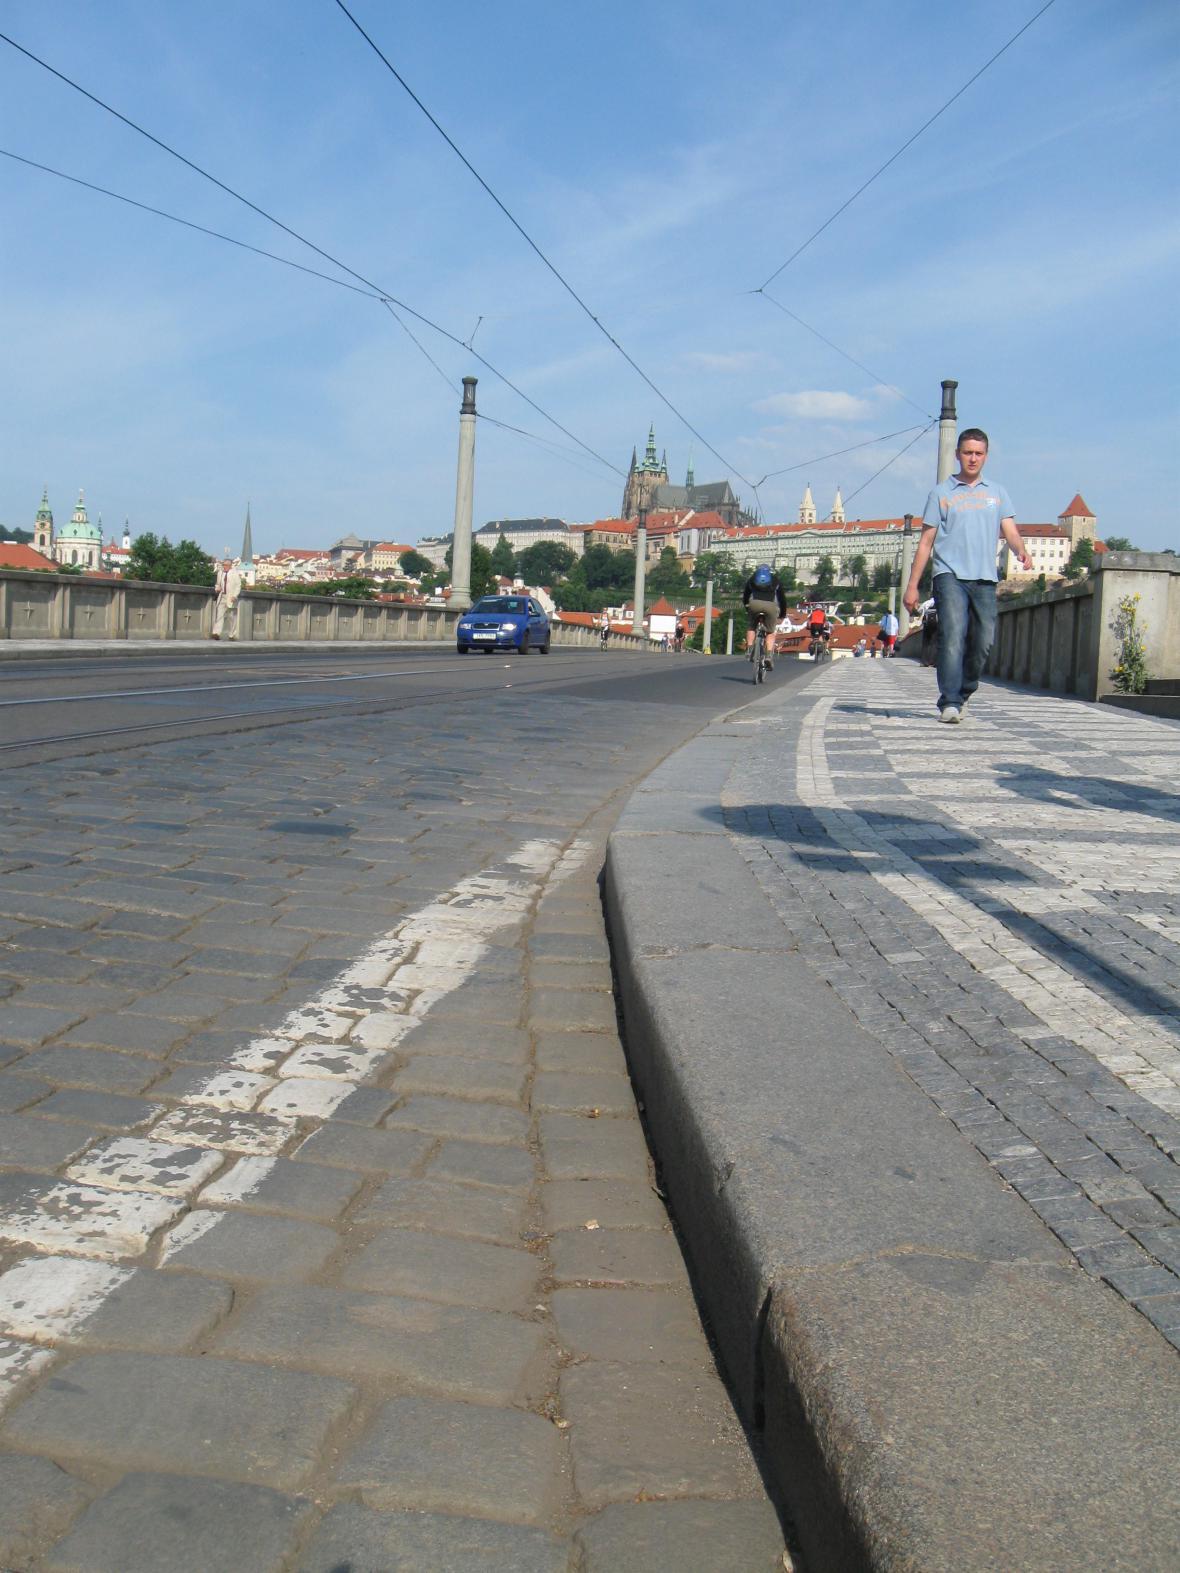 Poloprázdné silnice v Praze v den dopravní stávky